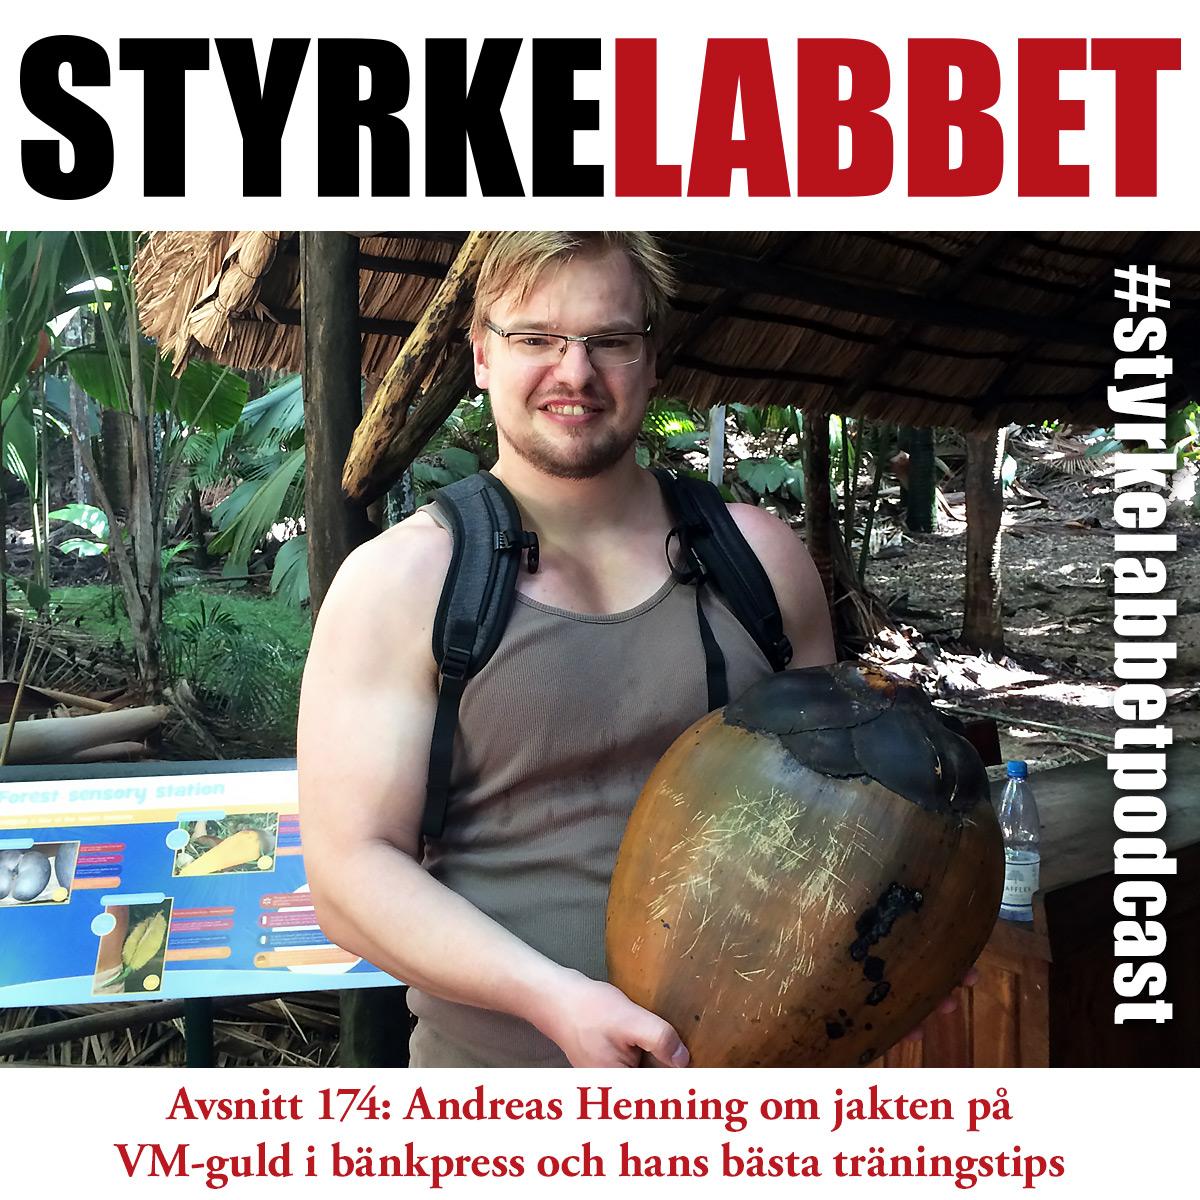 Styrkelabbet avsnitt 174: Andreas Henning om jakten på VM-guld i bänkpress och hans bästa träningstips